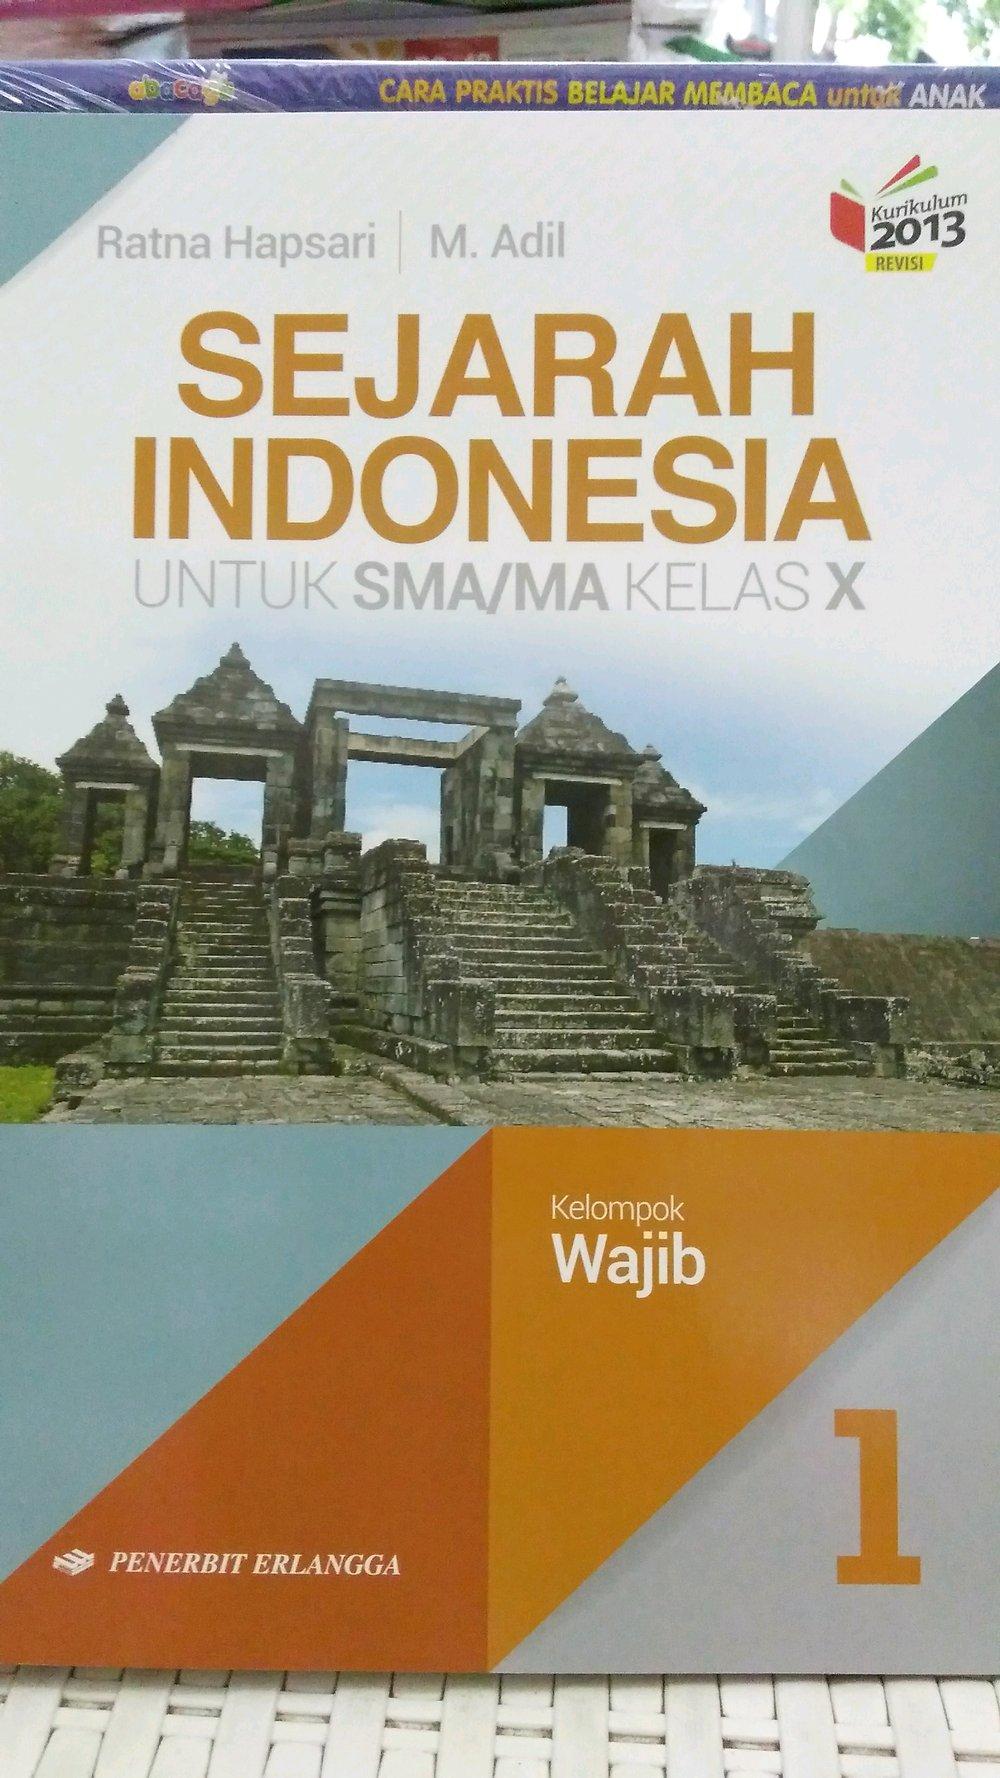 Materi Sejarah Indonesia Kelas 10 : materi, sejarah, indonesia, kelas, Materi, Sejarah, Indonesia, Kelas, Semester, Galeri